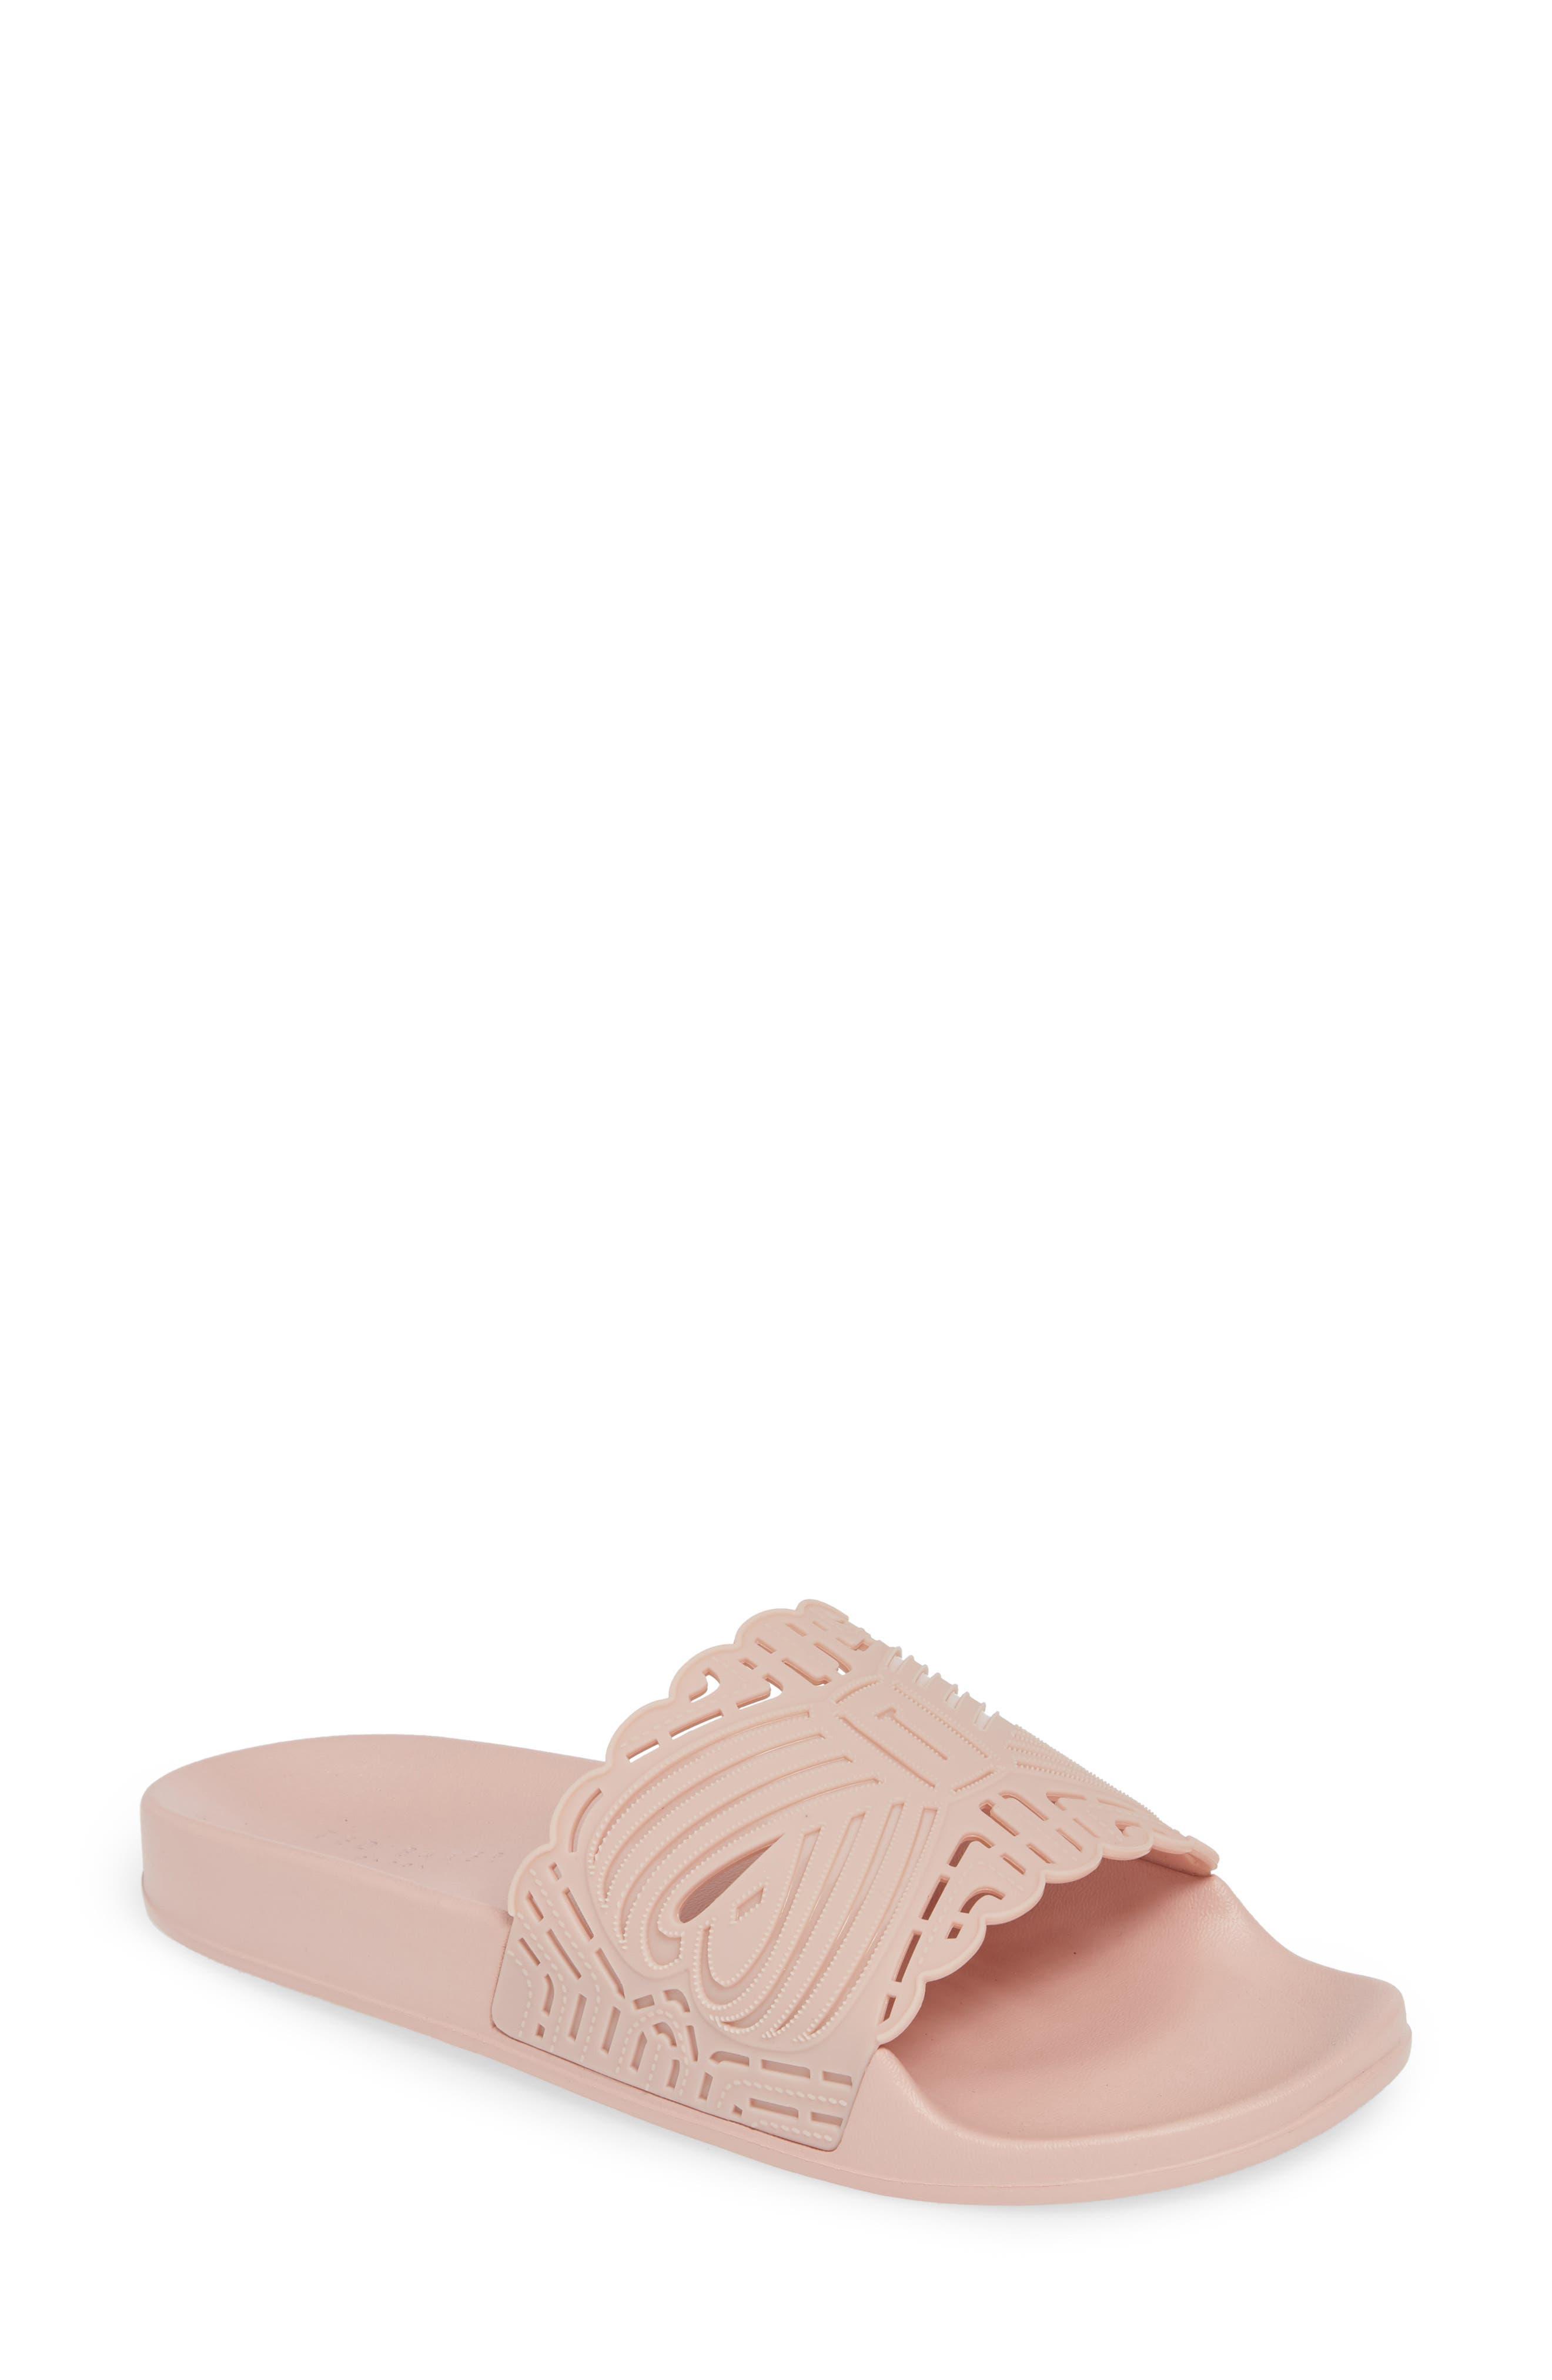 Ted Baker London Issley Slide Sandal, Pink